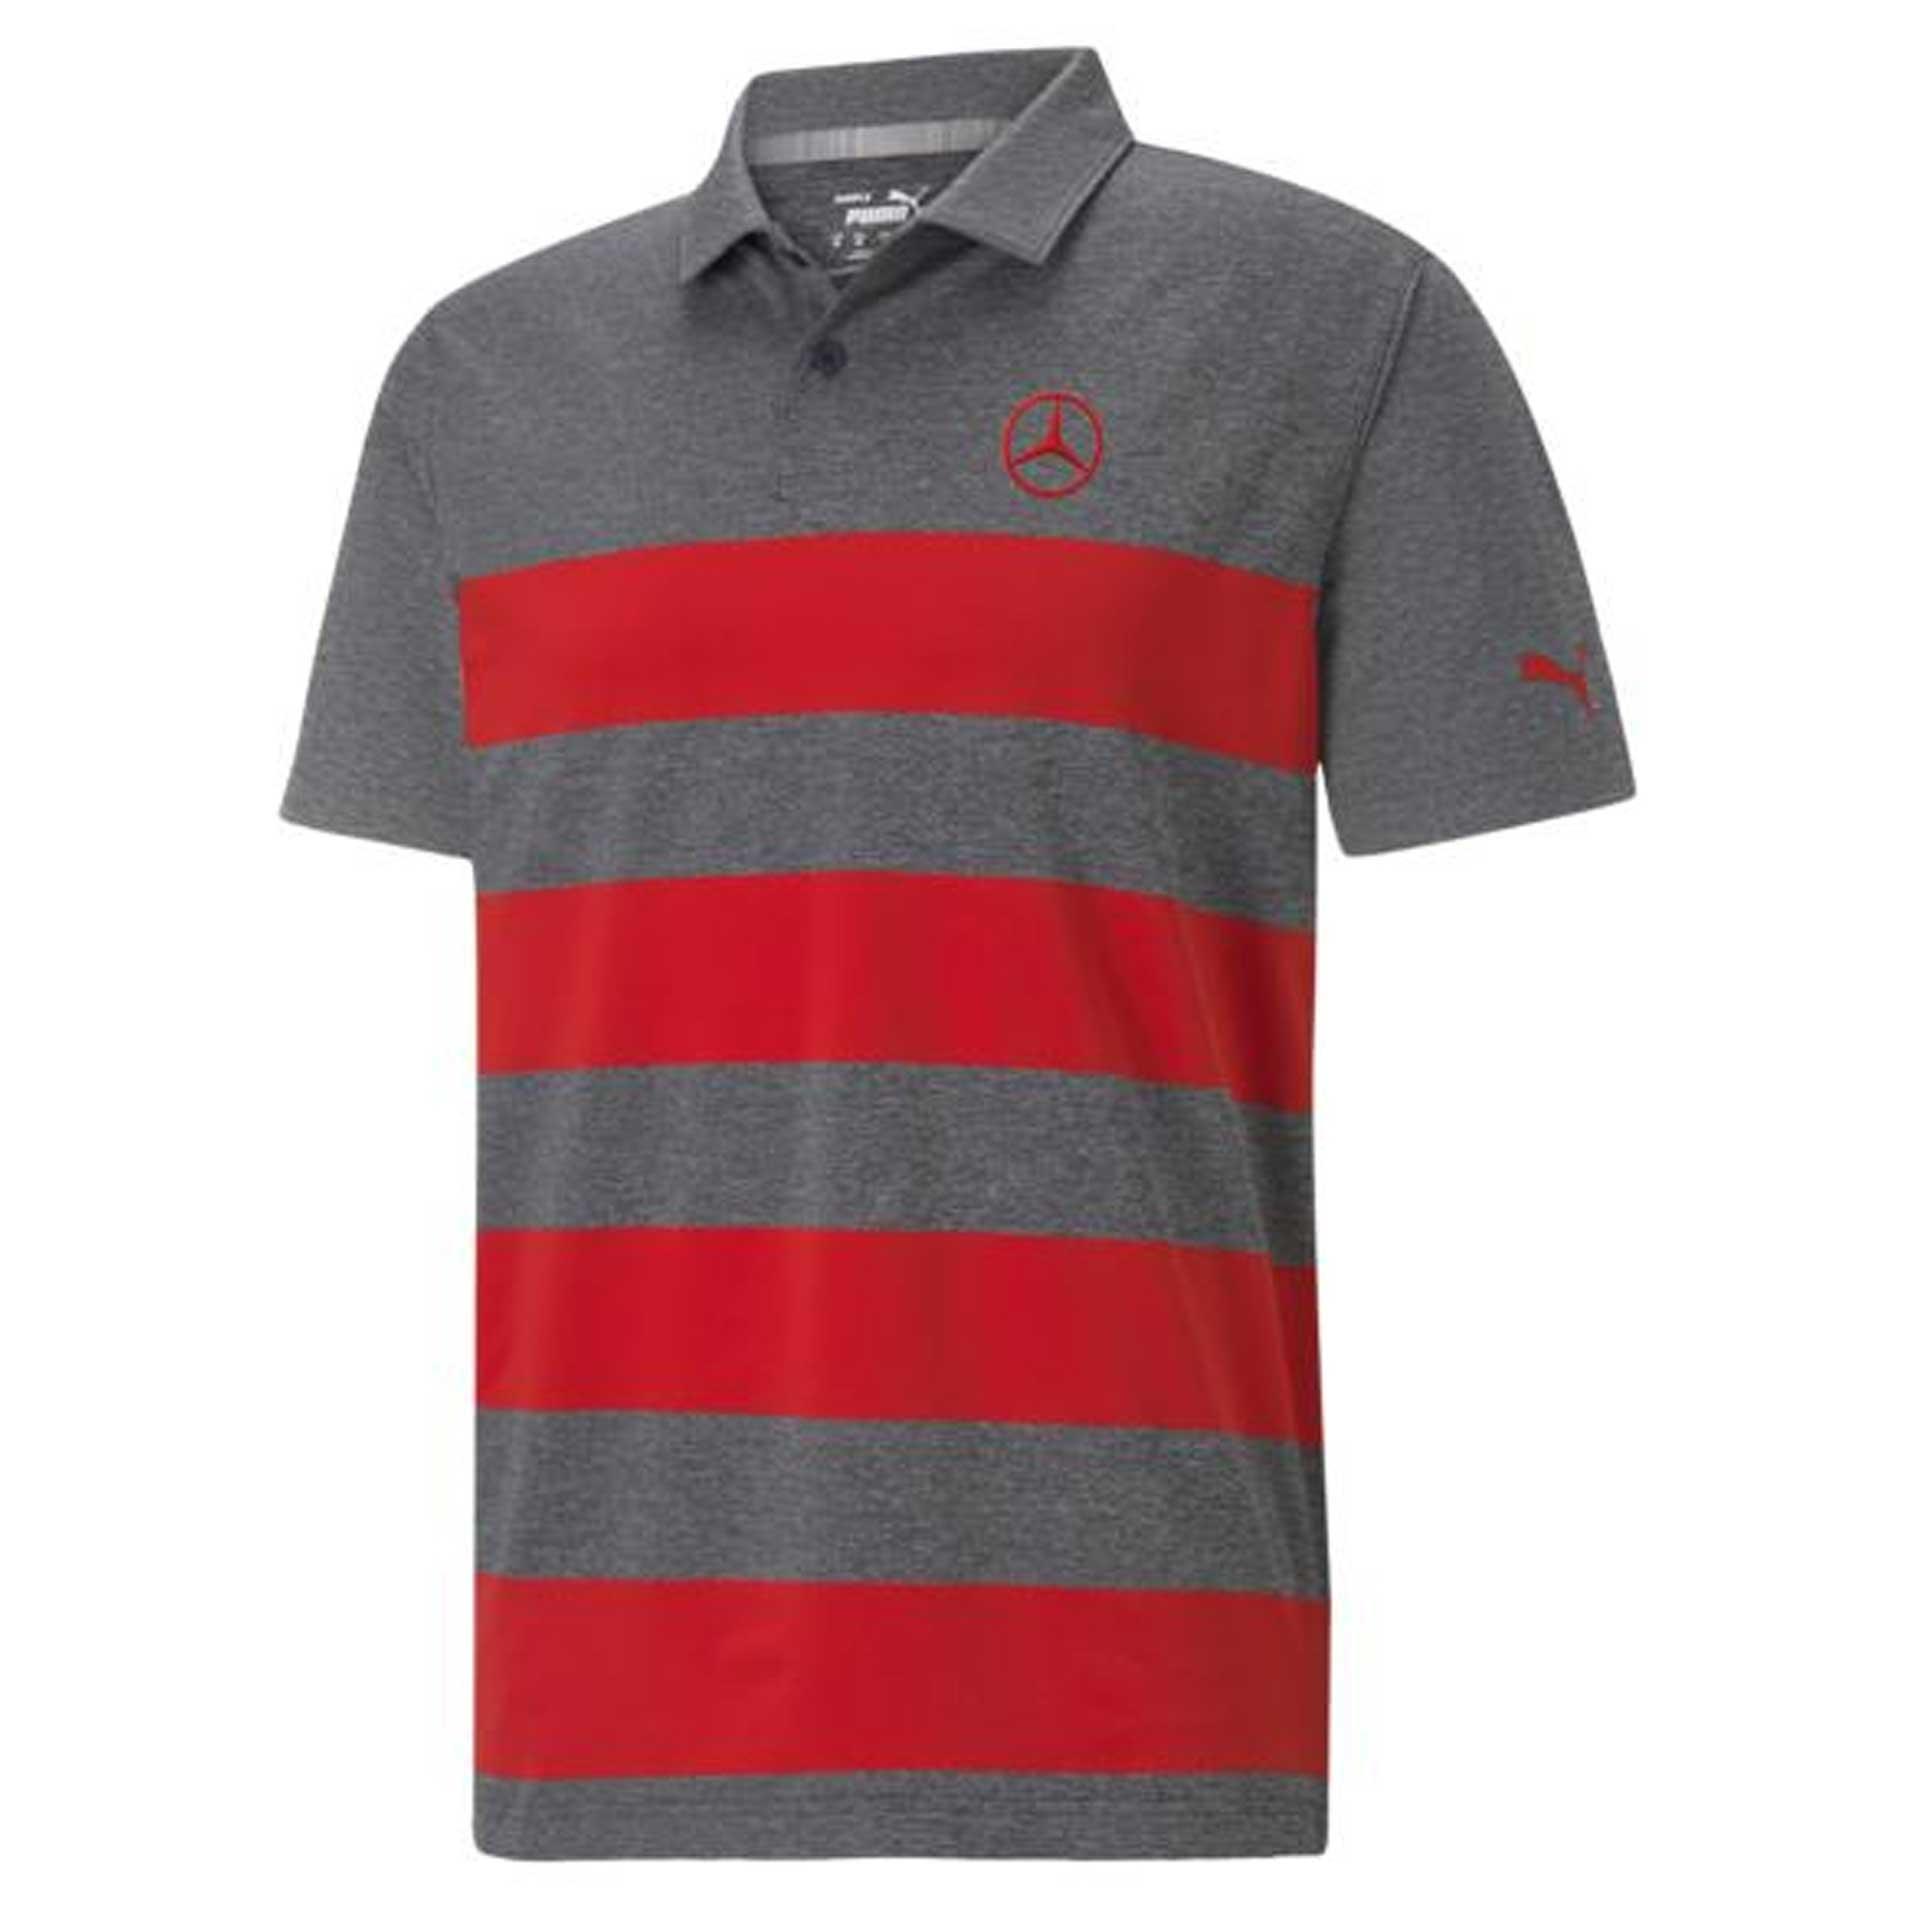 Mercedes-Benz Golf-Poloshirt Größe XL Herren grau melange / rot by PUMA Poloshirt